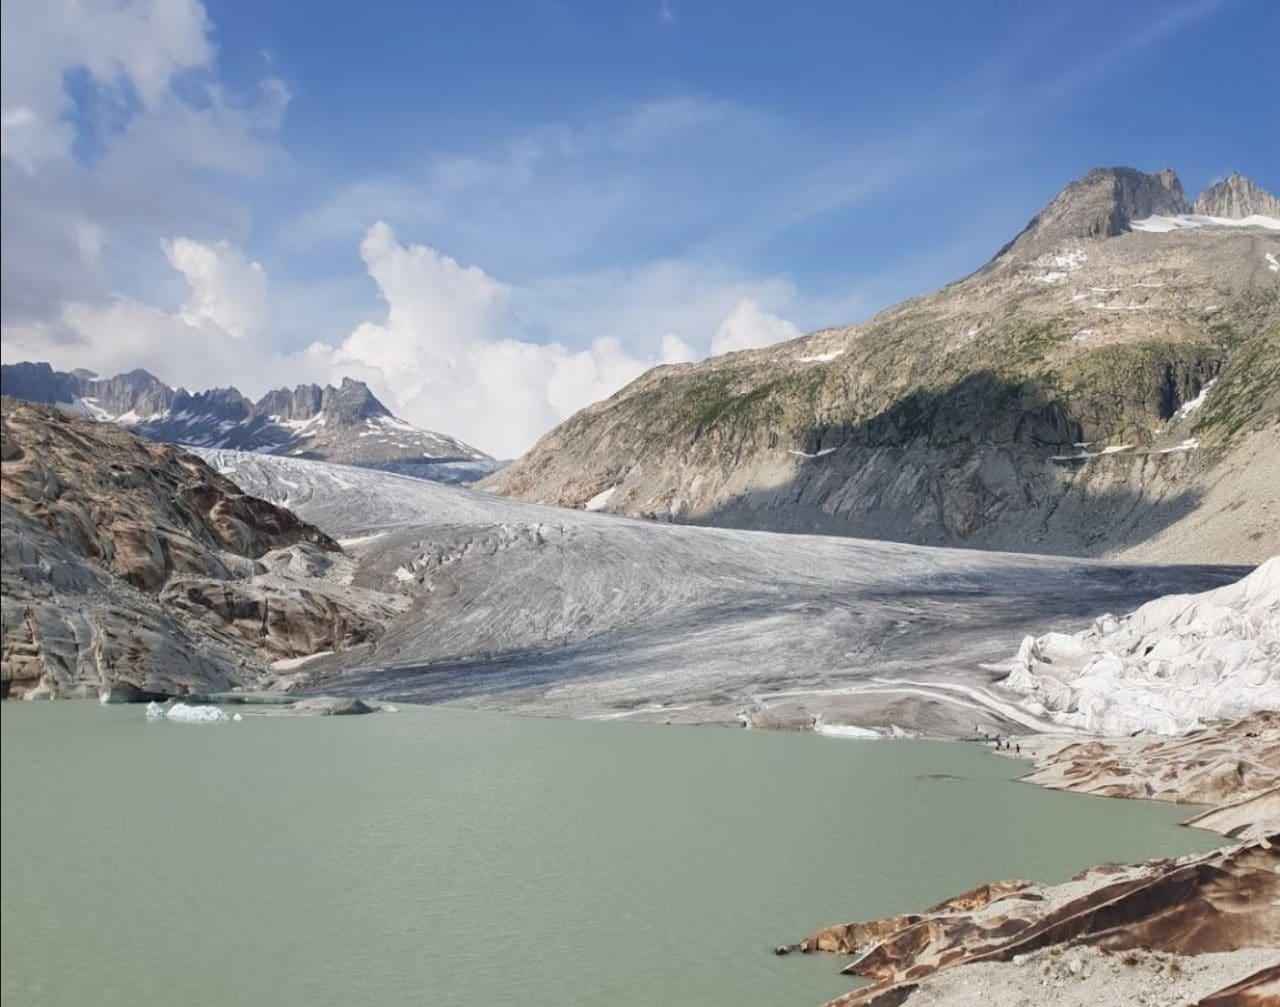 스위스 자동차 여행, 푸르카 패스 벨베데레(Belvédère) 마을위의 론 빙하와 빙하가 녹은 론 강물이 만들어진 모습, 주의 Image -veronika Schöpfer